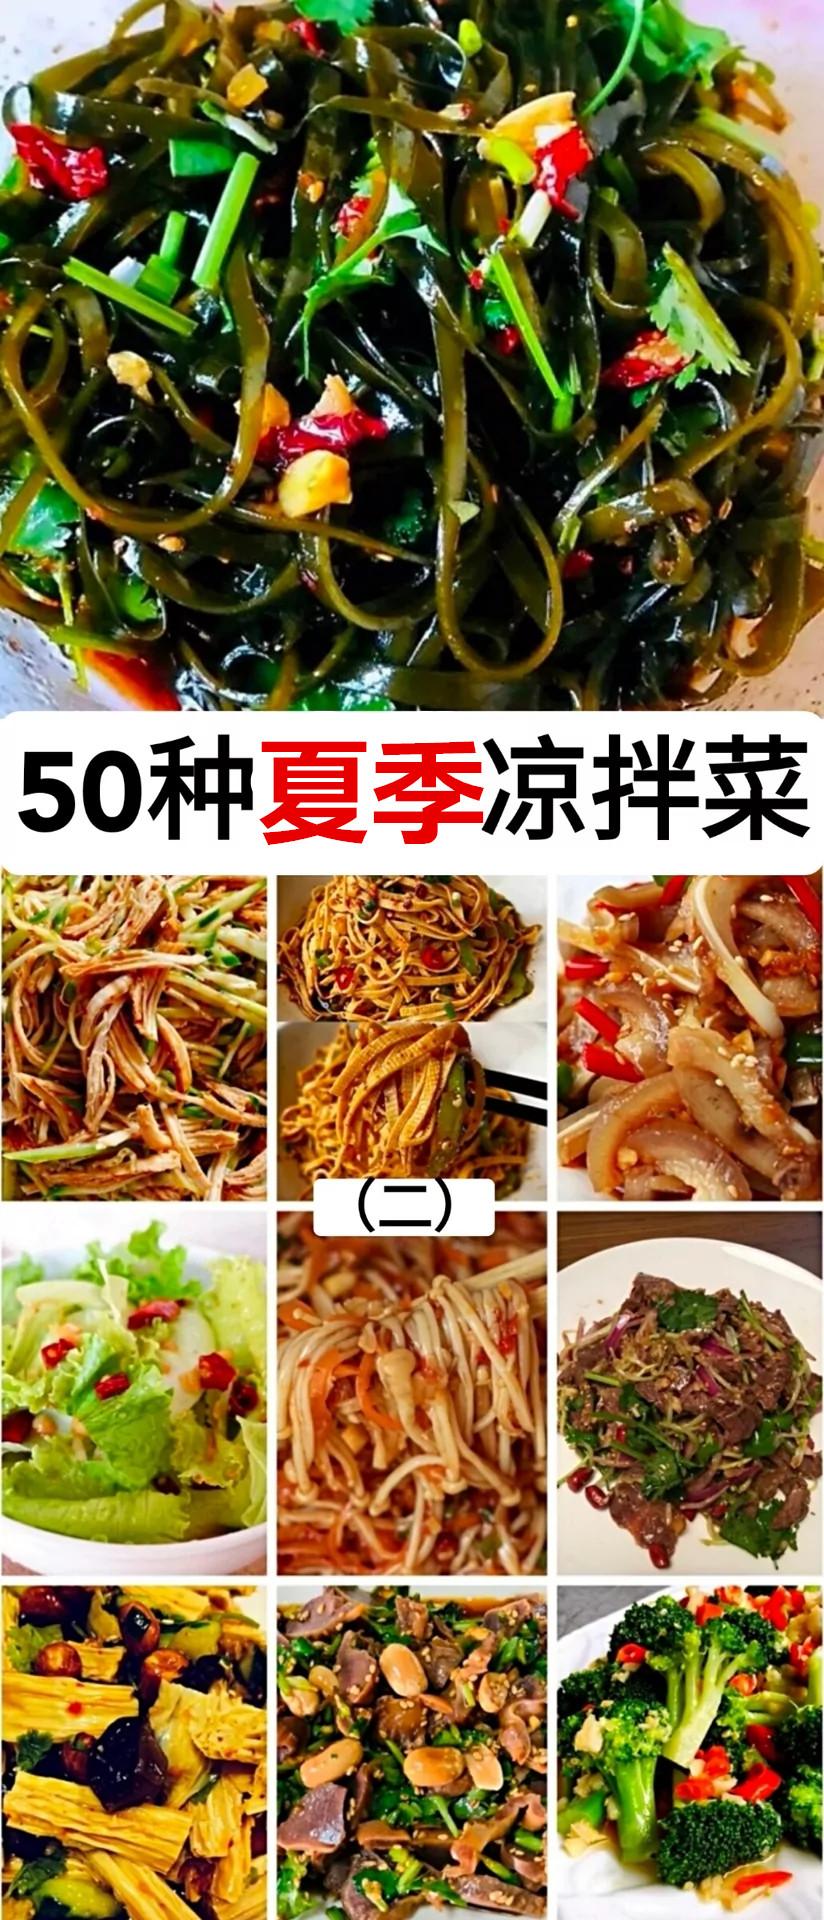 50种凉拌菜做法及配料(二)夏季常吃的凉菜菜谱家常做法 美食做法 第1张